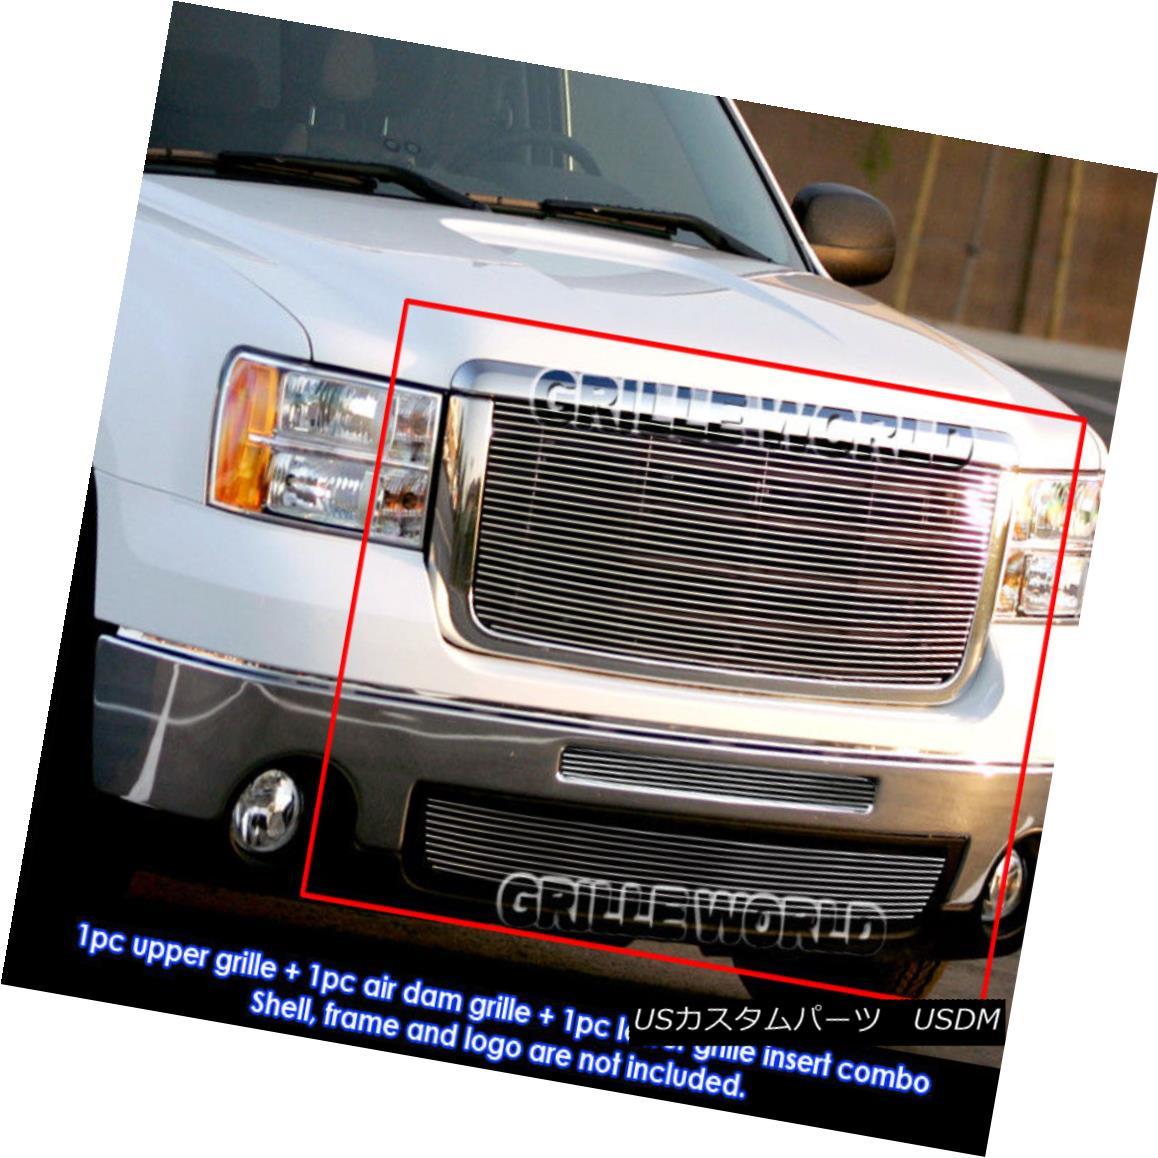 グリル For 07-10 GMC Sierra 2500/3500/HD Billet Grille Insert Combo 07-10 GMC Sierra 2500/3500 / HDビレットグリルインサートコンボ用